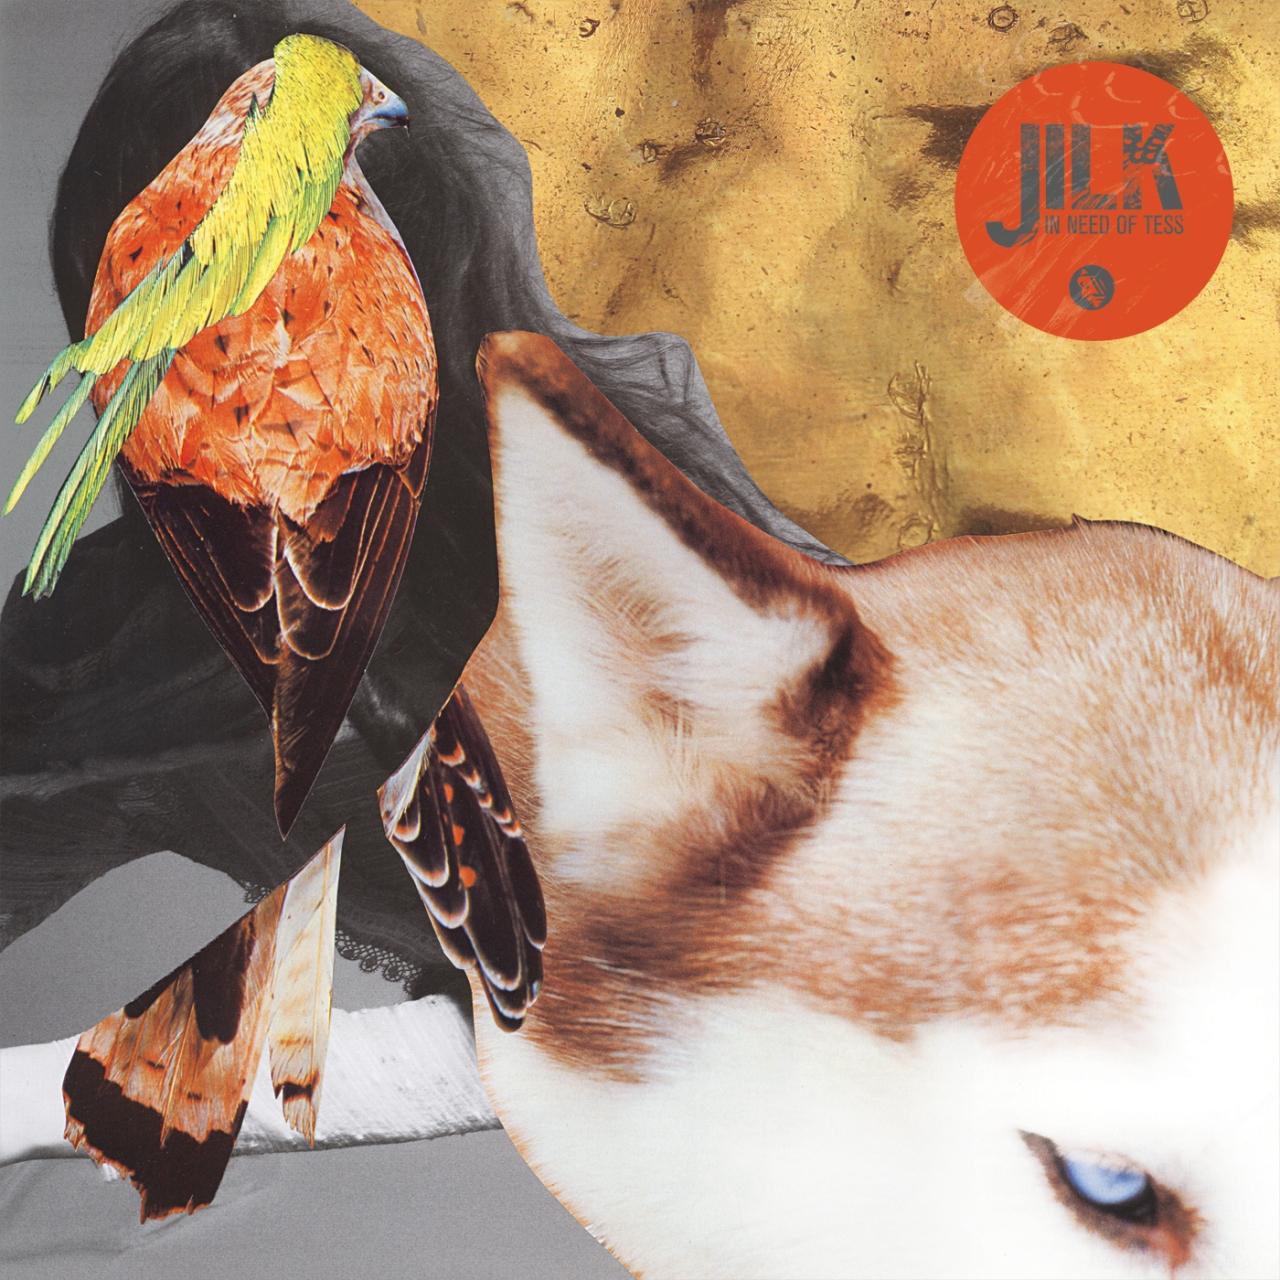 Jilk ~ In Need ofTess